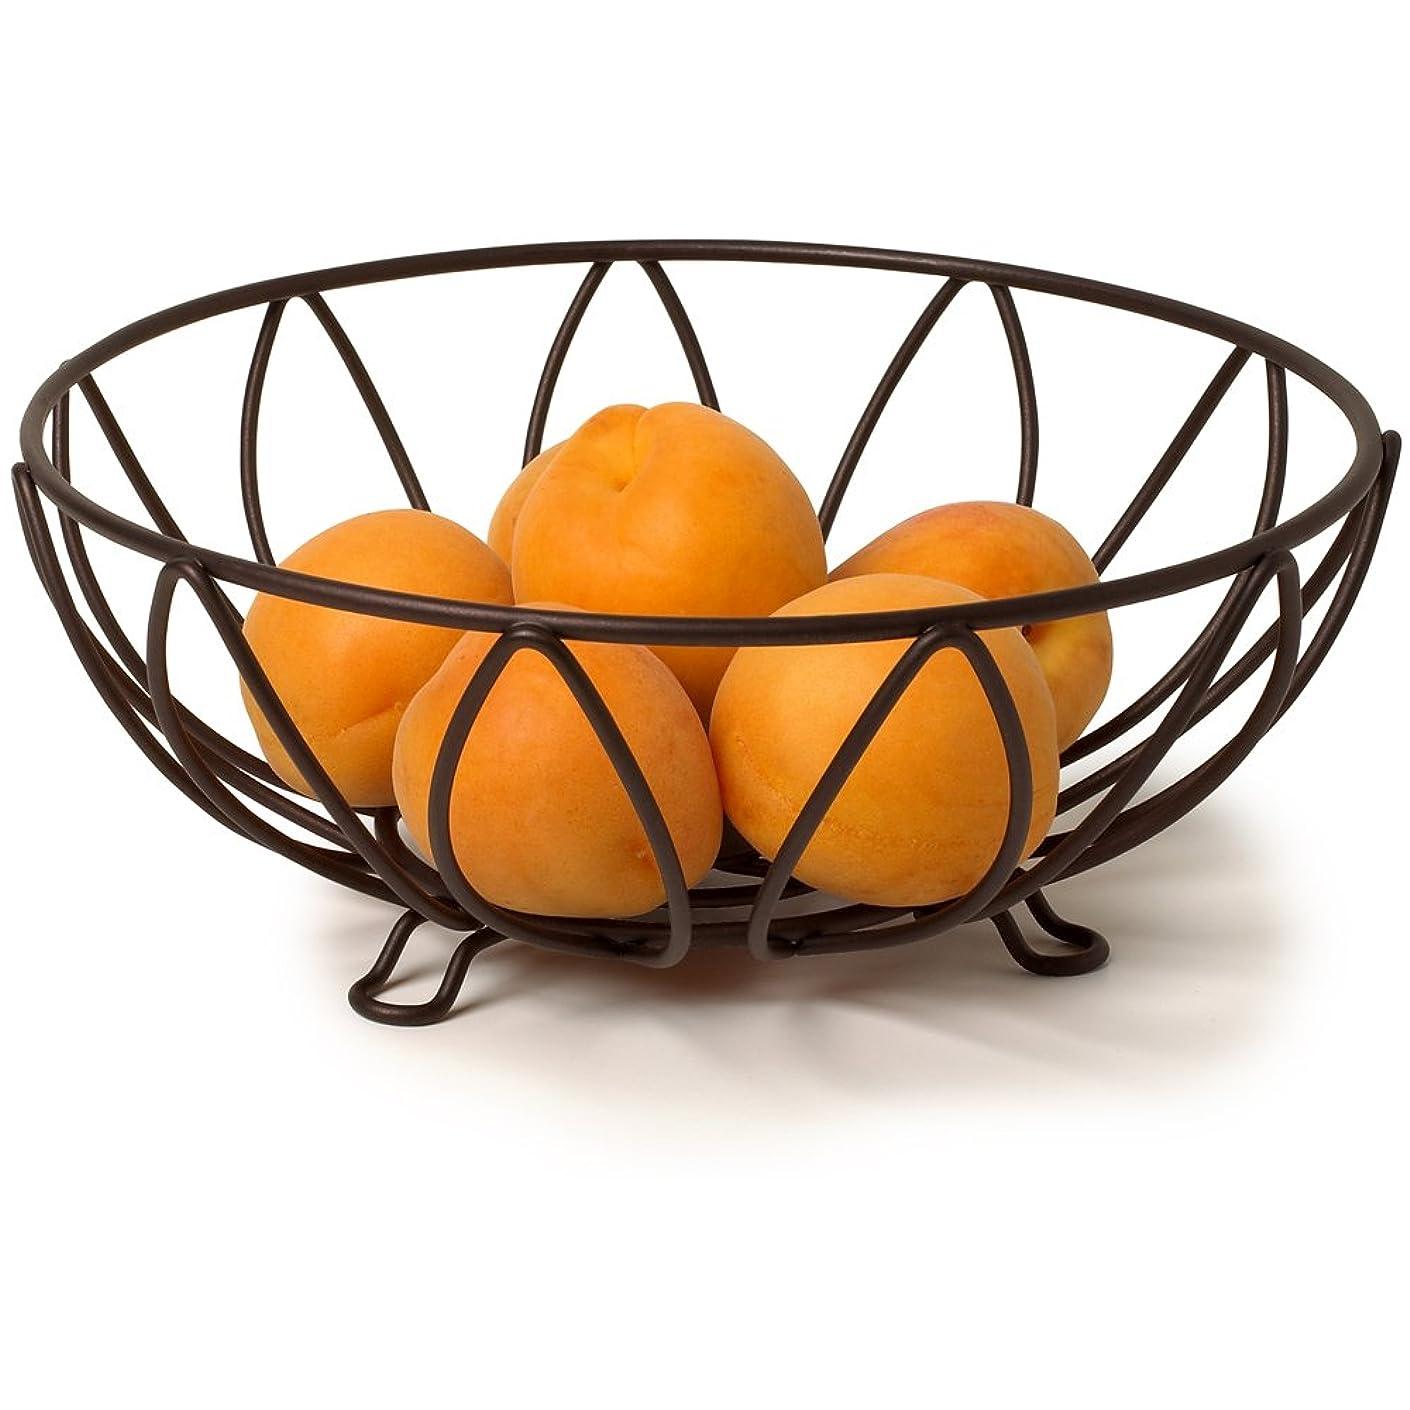 熱帯の直接電気陽性ワイヤフルーツバスケットリーフブロンズ